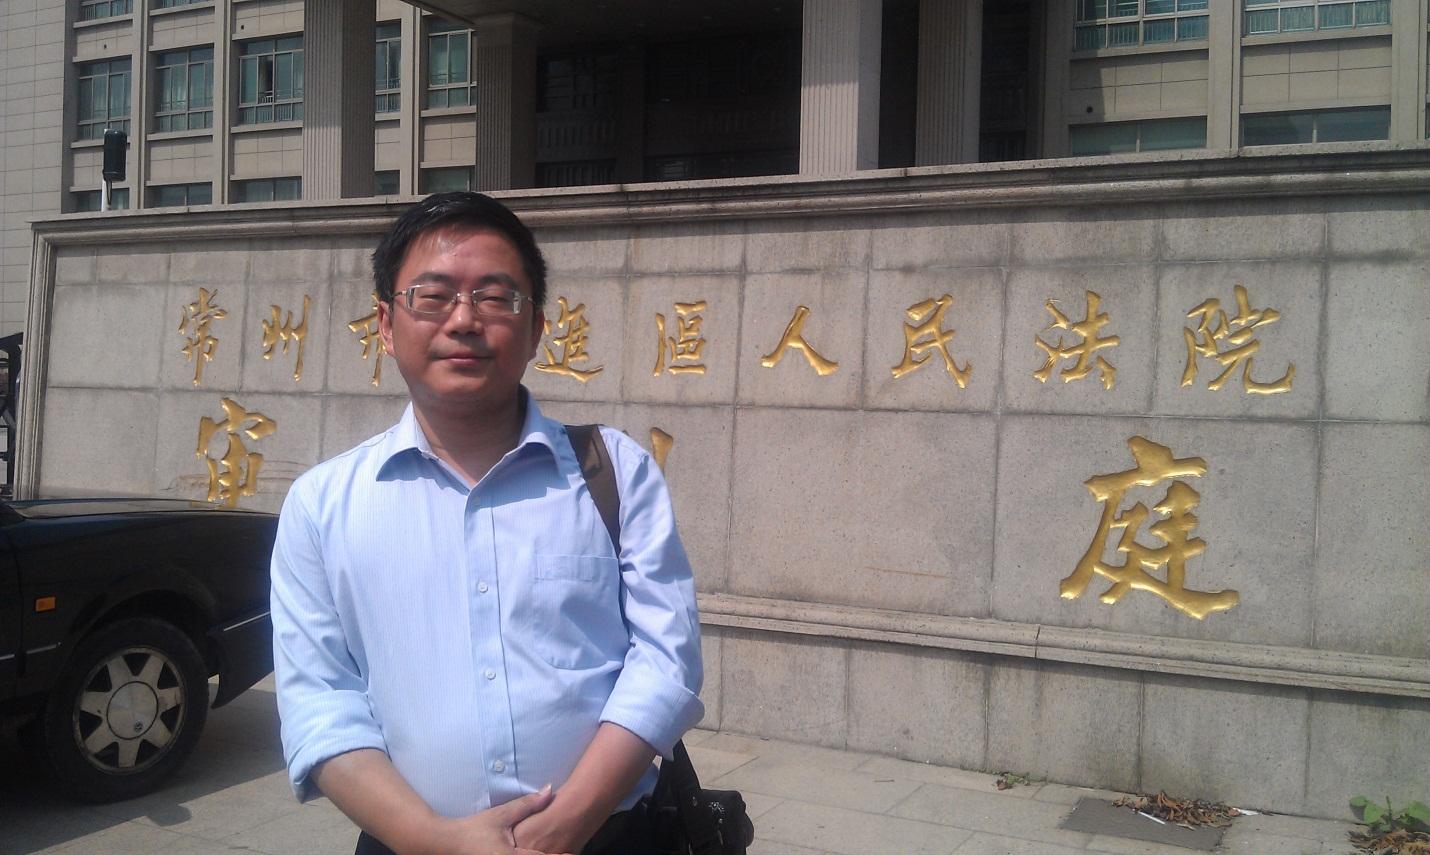 郑建伟律师在江苏常州武进区法院代理一拆迁侵权赔偿案。摄于2012年5月。摄影:郑建伟